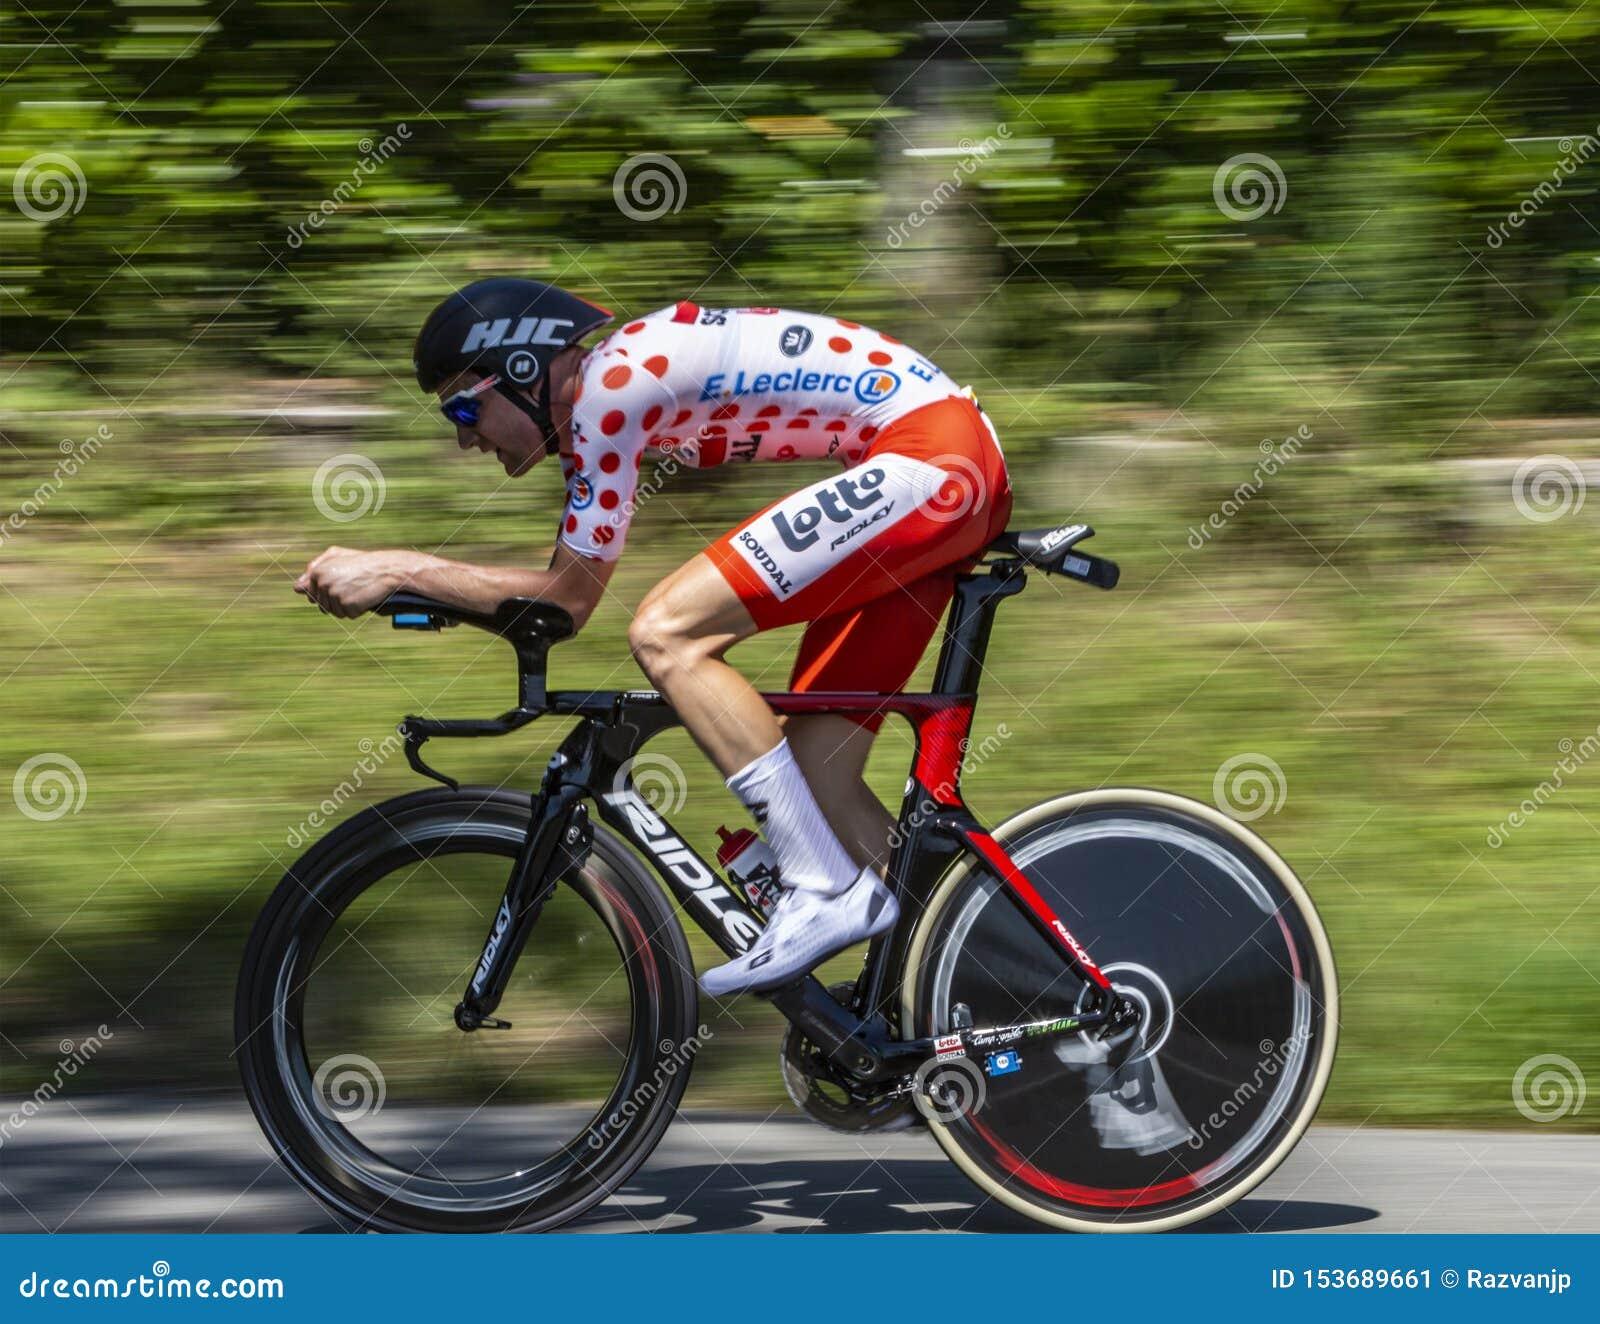 骑自行车者蒂姆维尔伦斯-环法自行车赛2019年